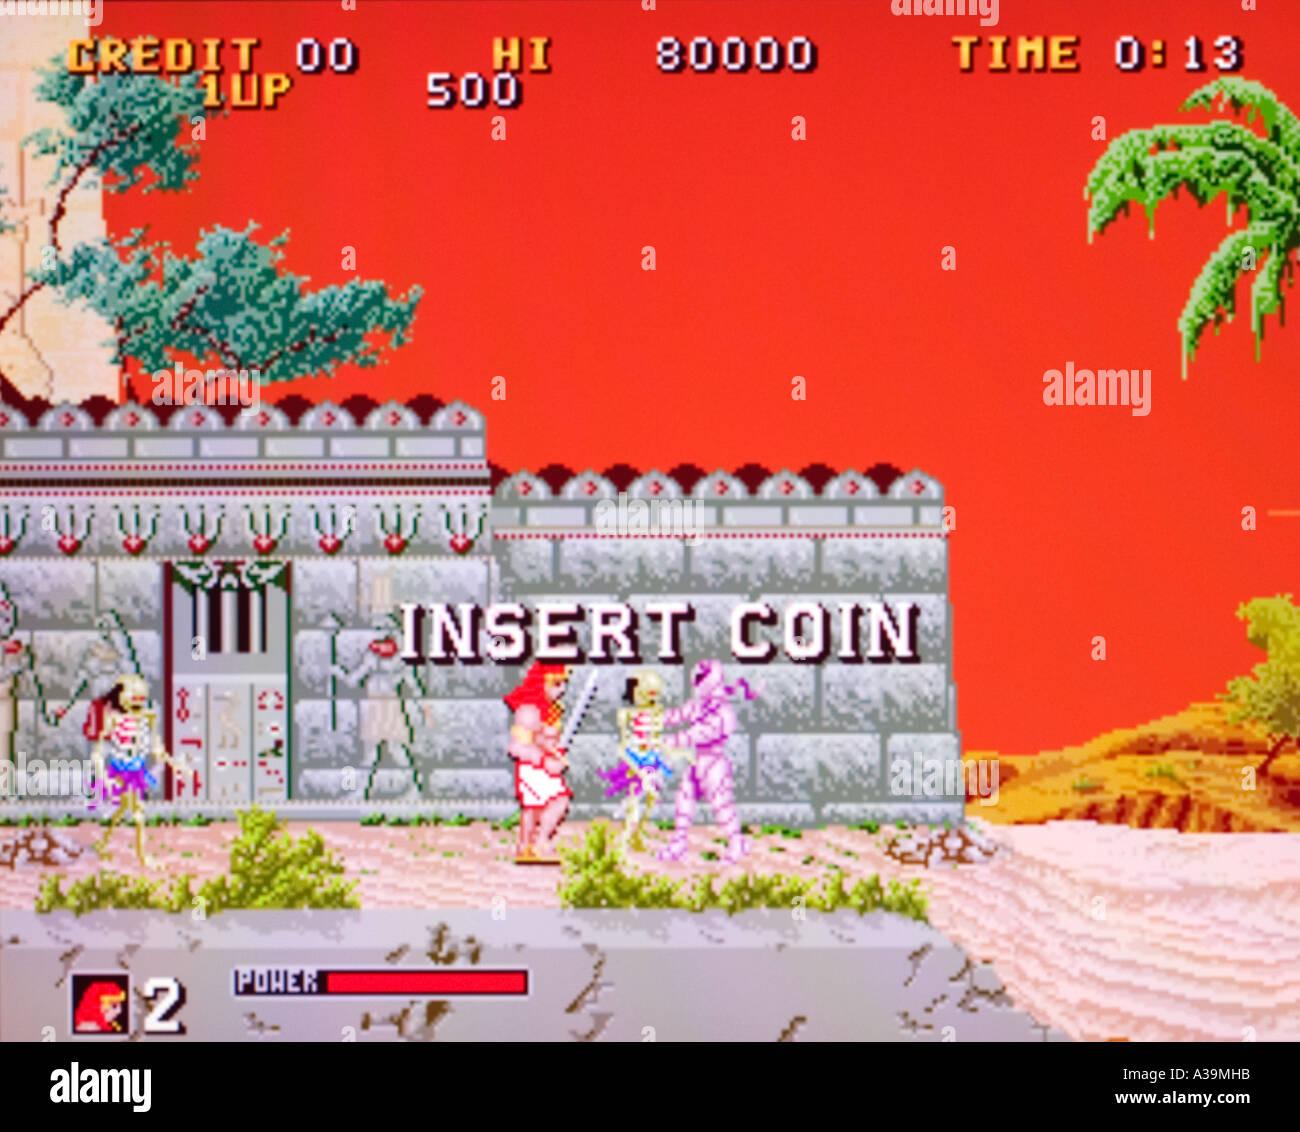 Big Karnak Gaelco SA 1991 vintage arcade videogame screenshot - EDITORIAL USE ONLY - Stock Image